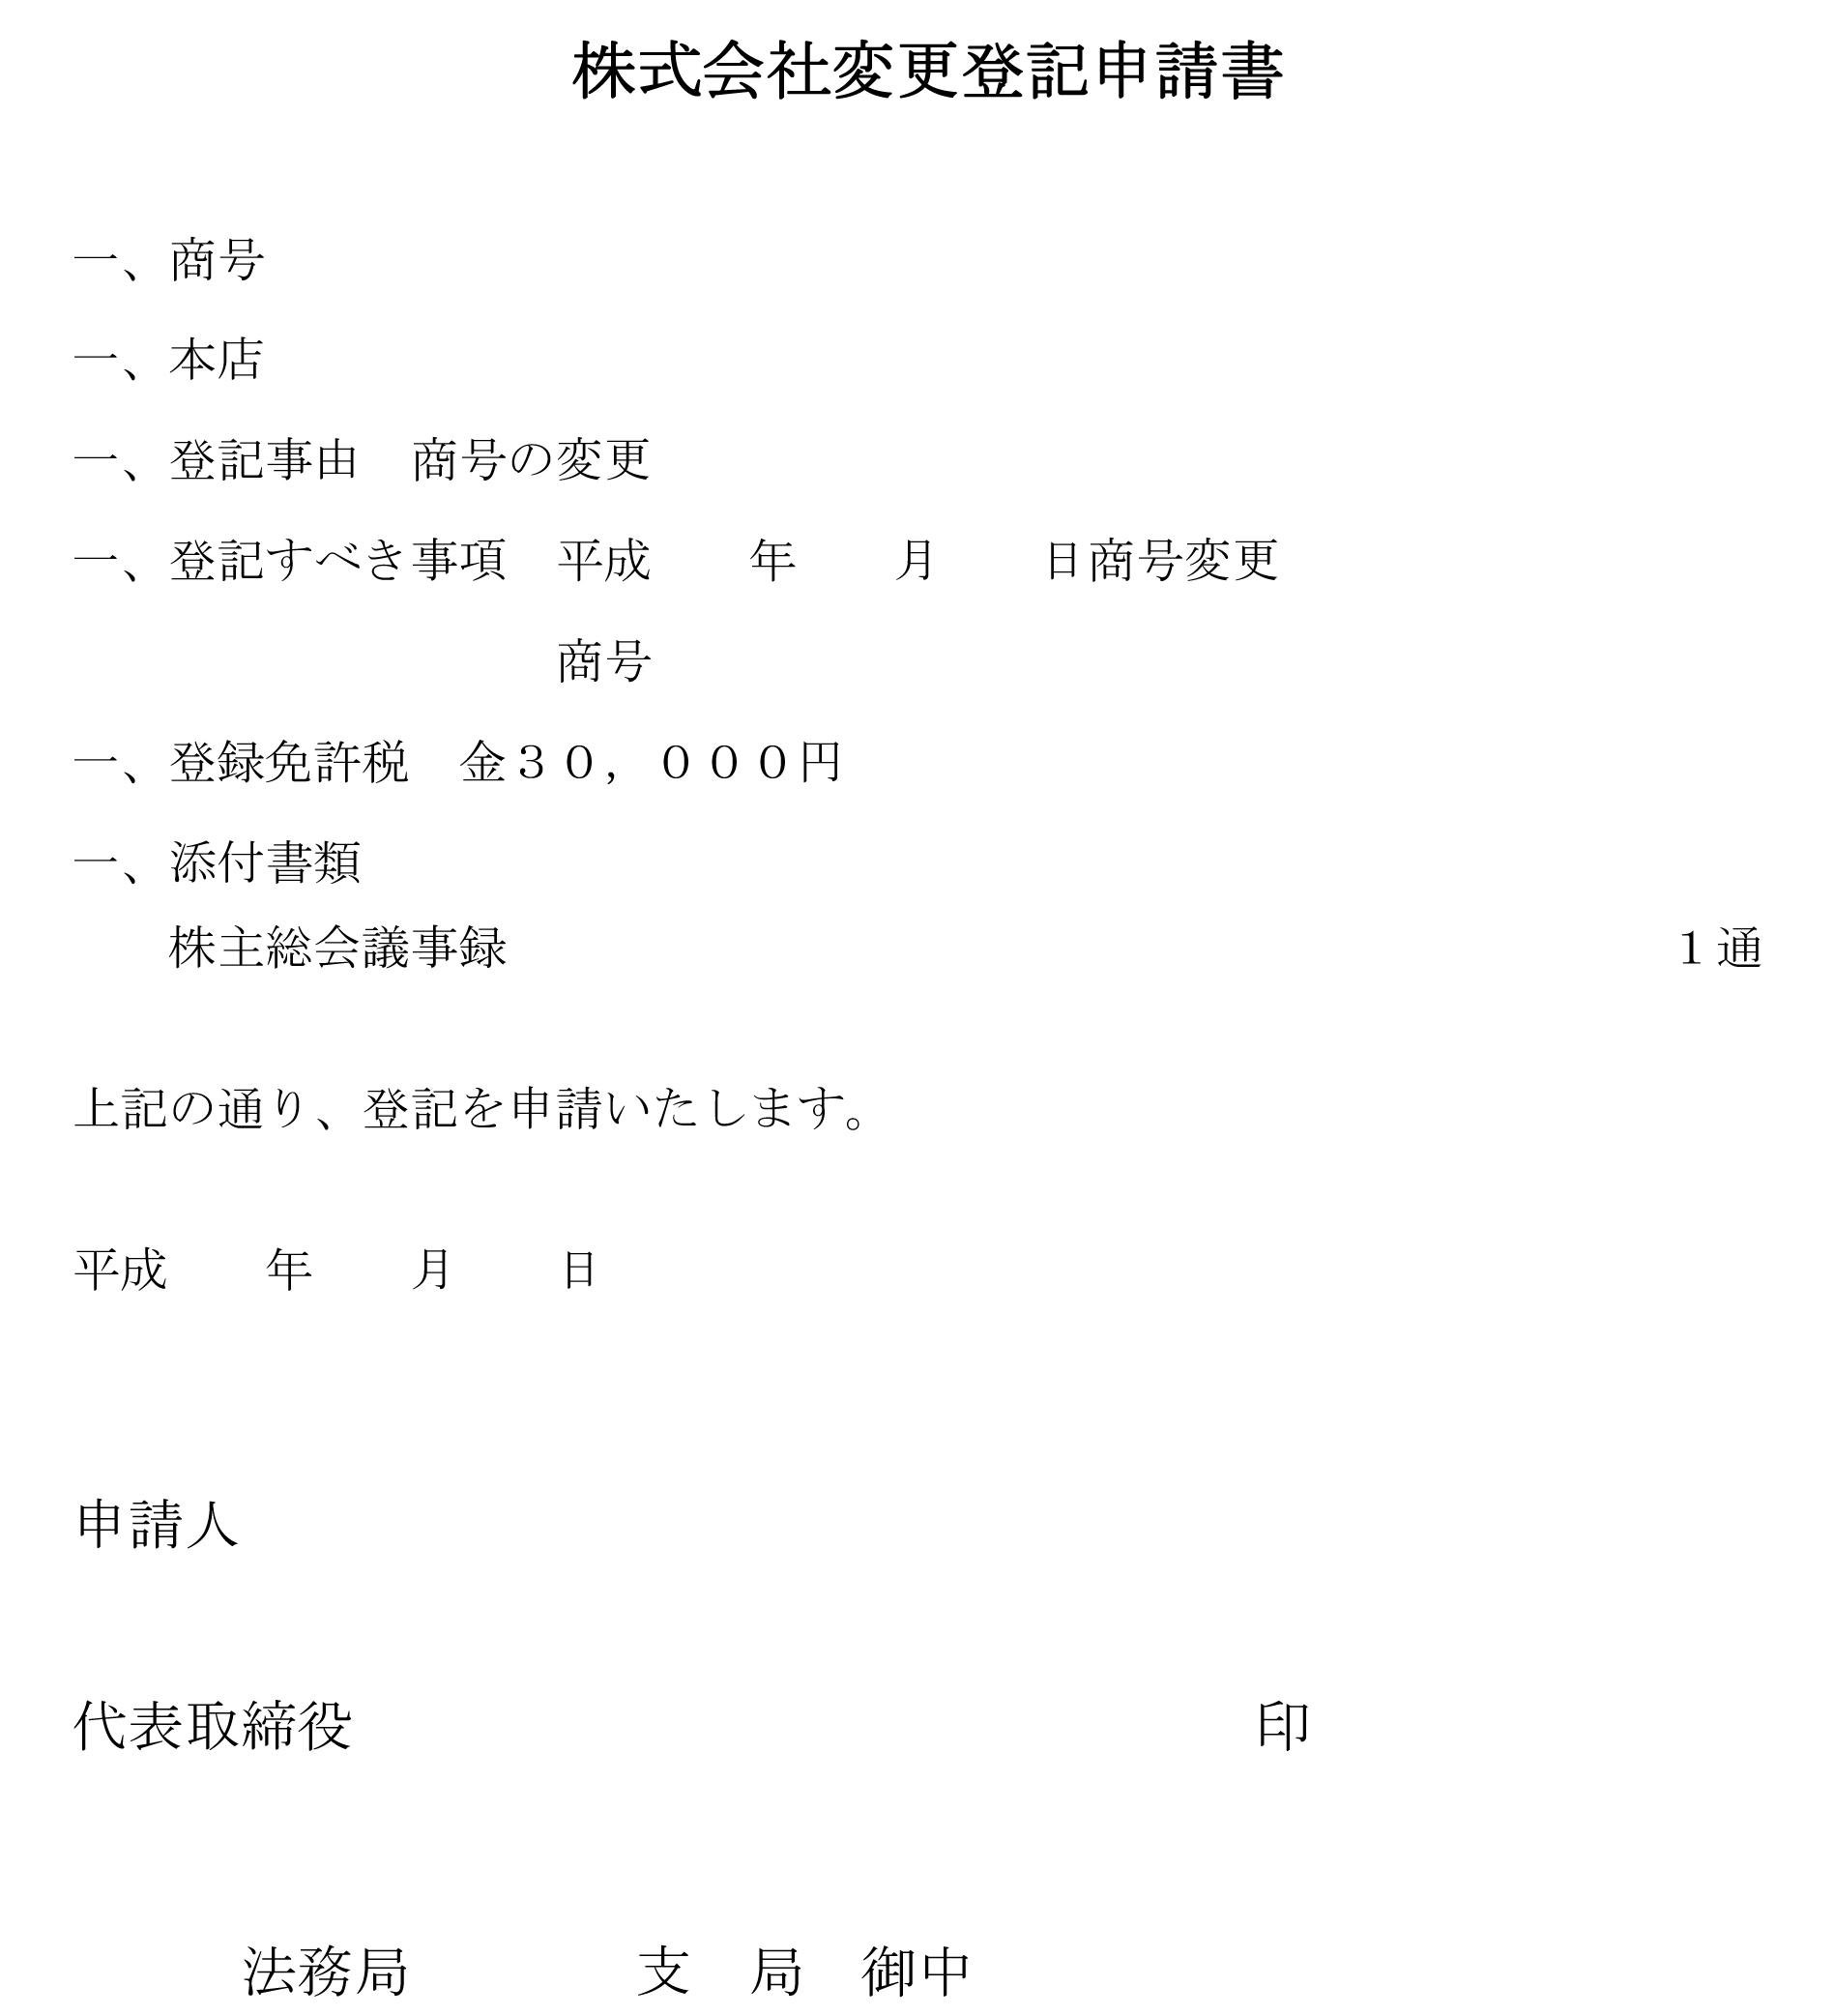 登記申請書(商号変更)02